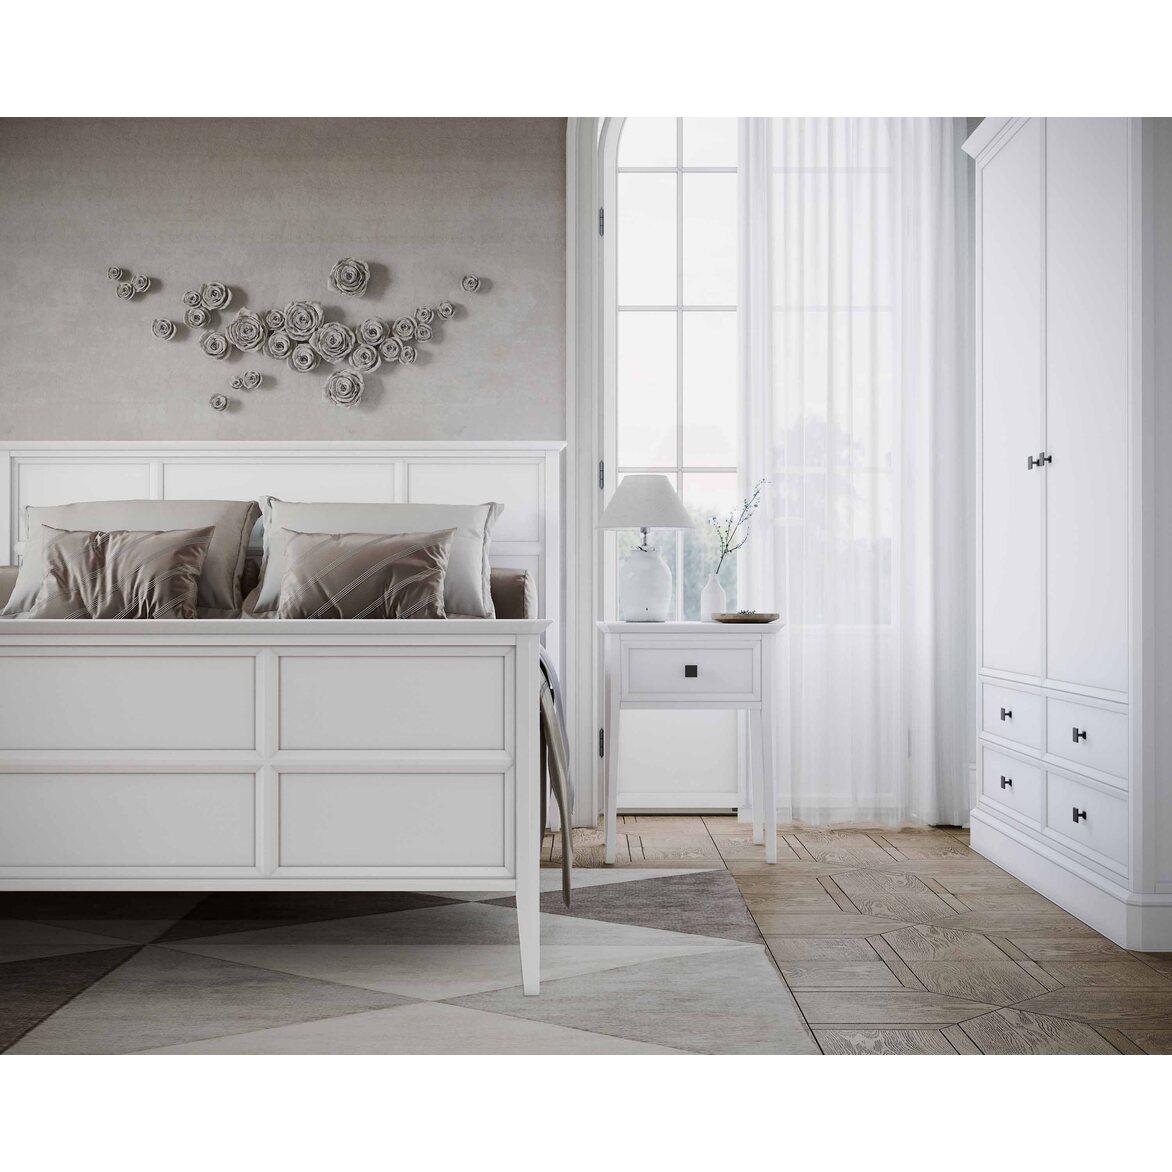 Кровать Ellington, белая, с изножьем 6 | Двуспальные кровати Kingsby